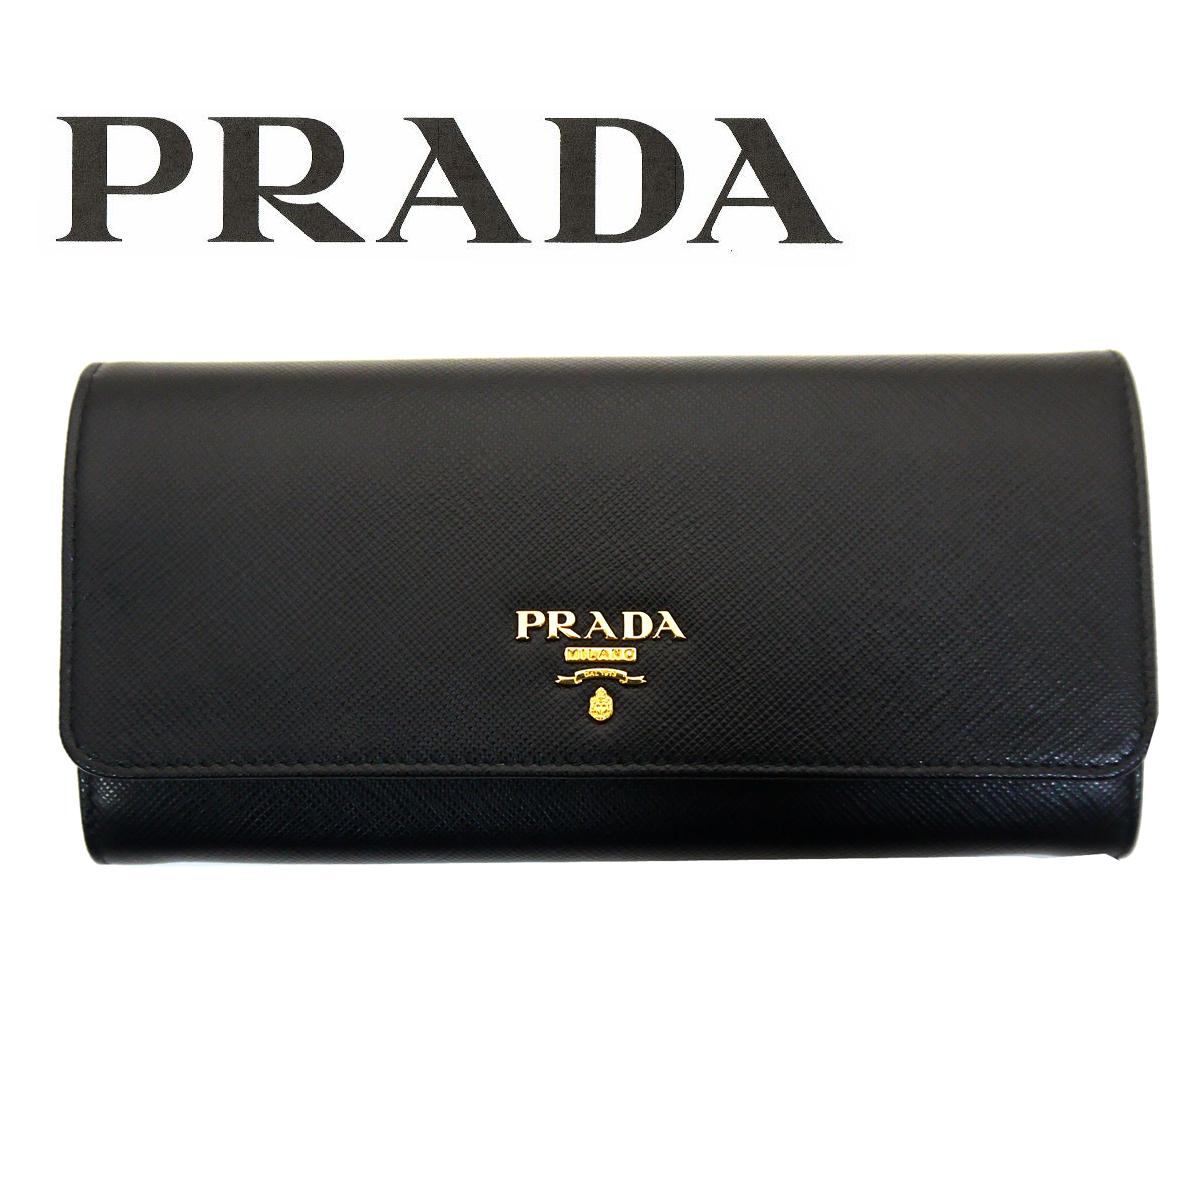 プラダ/PRADA レディース パスケース付き長財布 サフィアーノ 1MH132 QWA F0002 ブラック ゴールド金具【即発送可能】